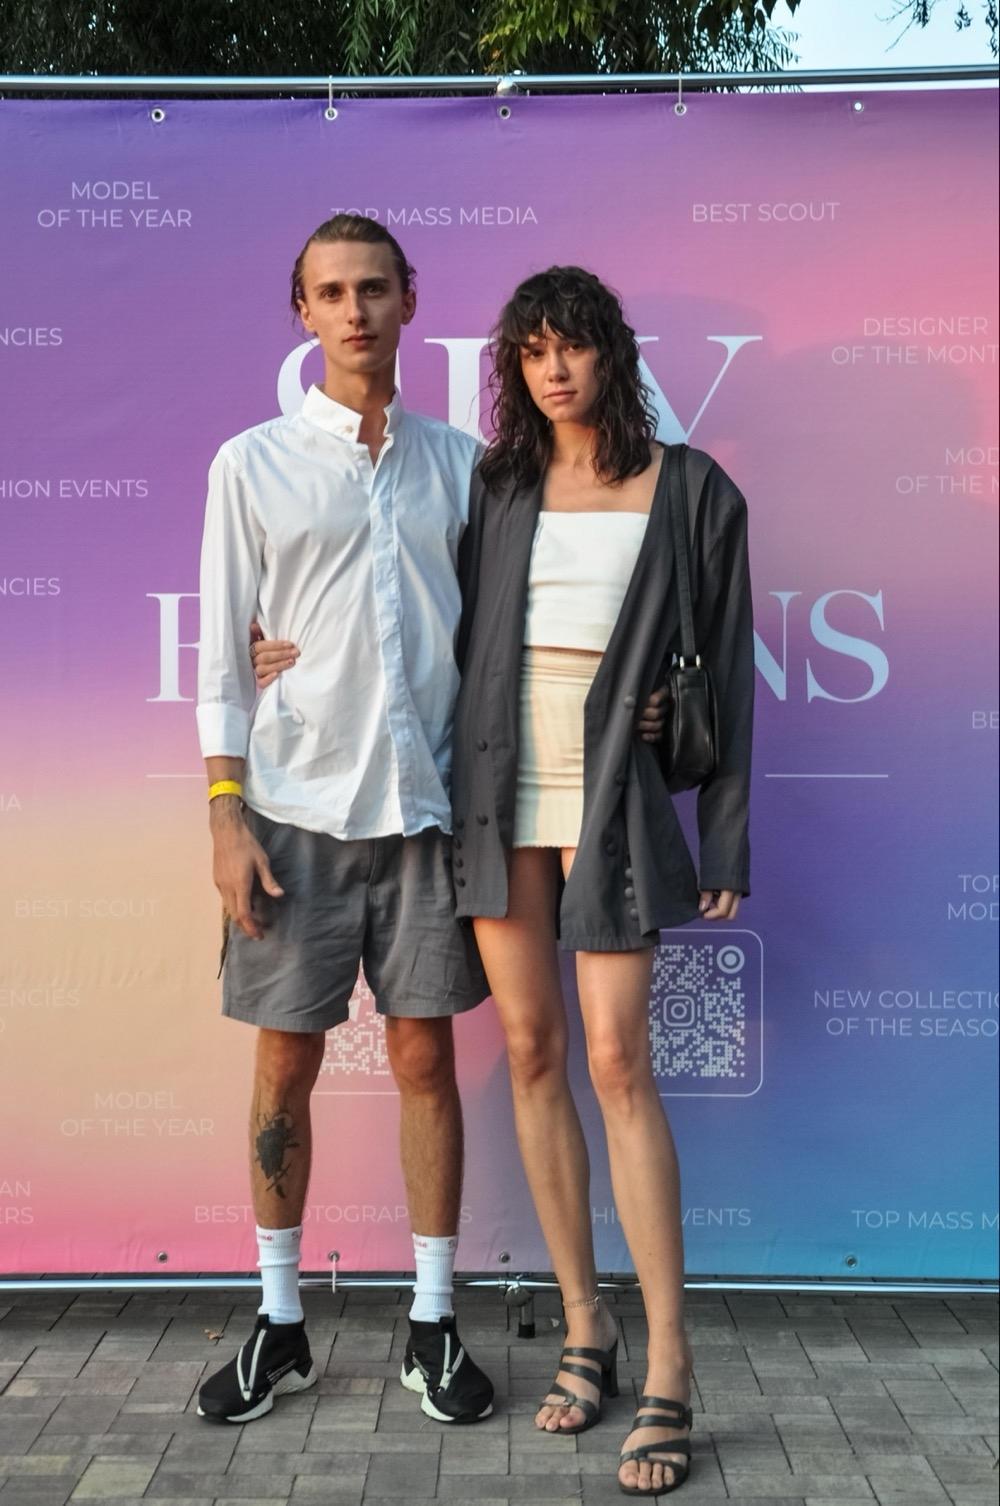 Любовь, технологии и новые лица украинской fashion-индустрии на SPYFASHIONS DAY (ФОТО) - фото №11